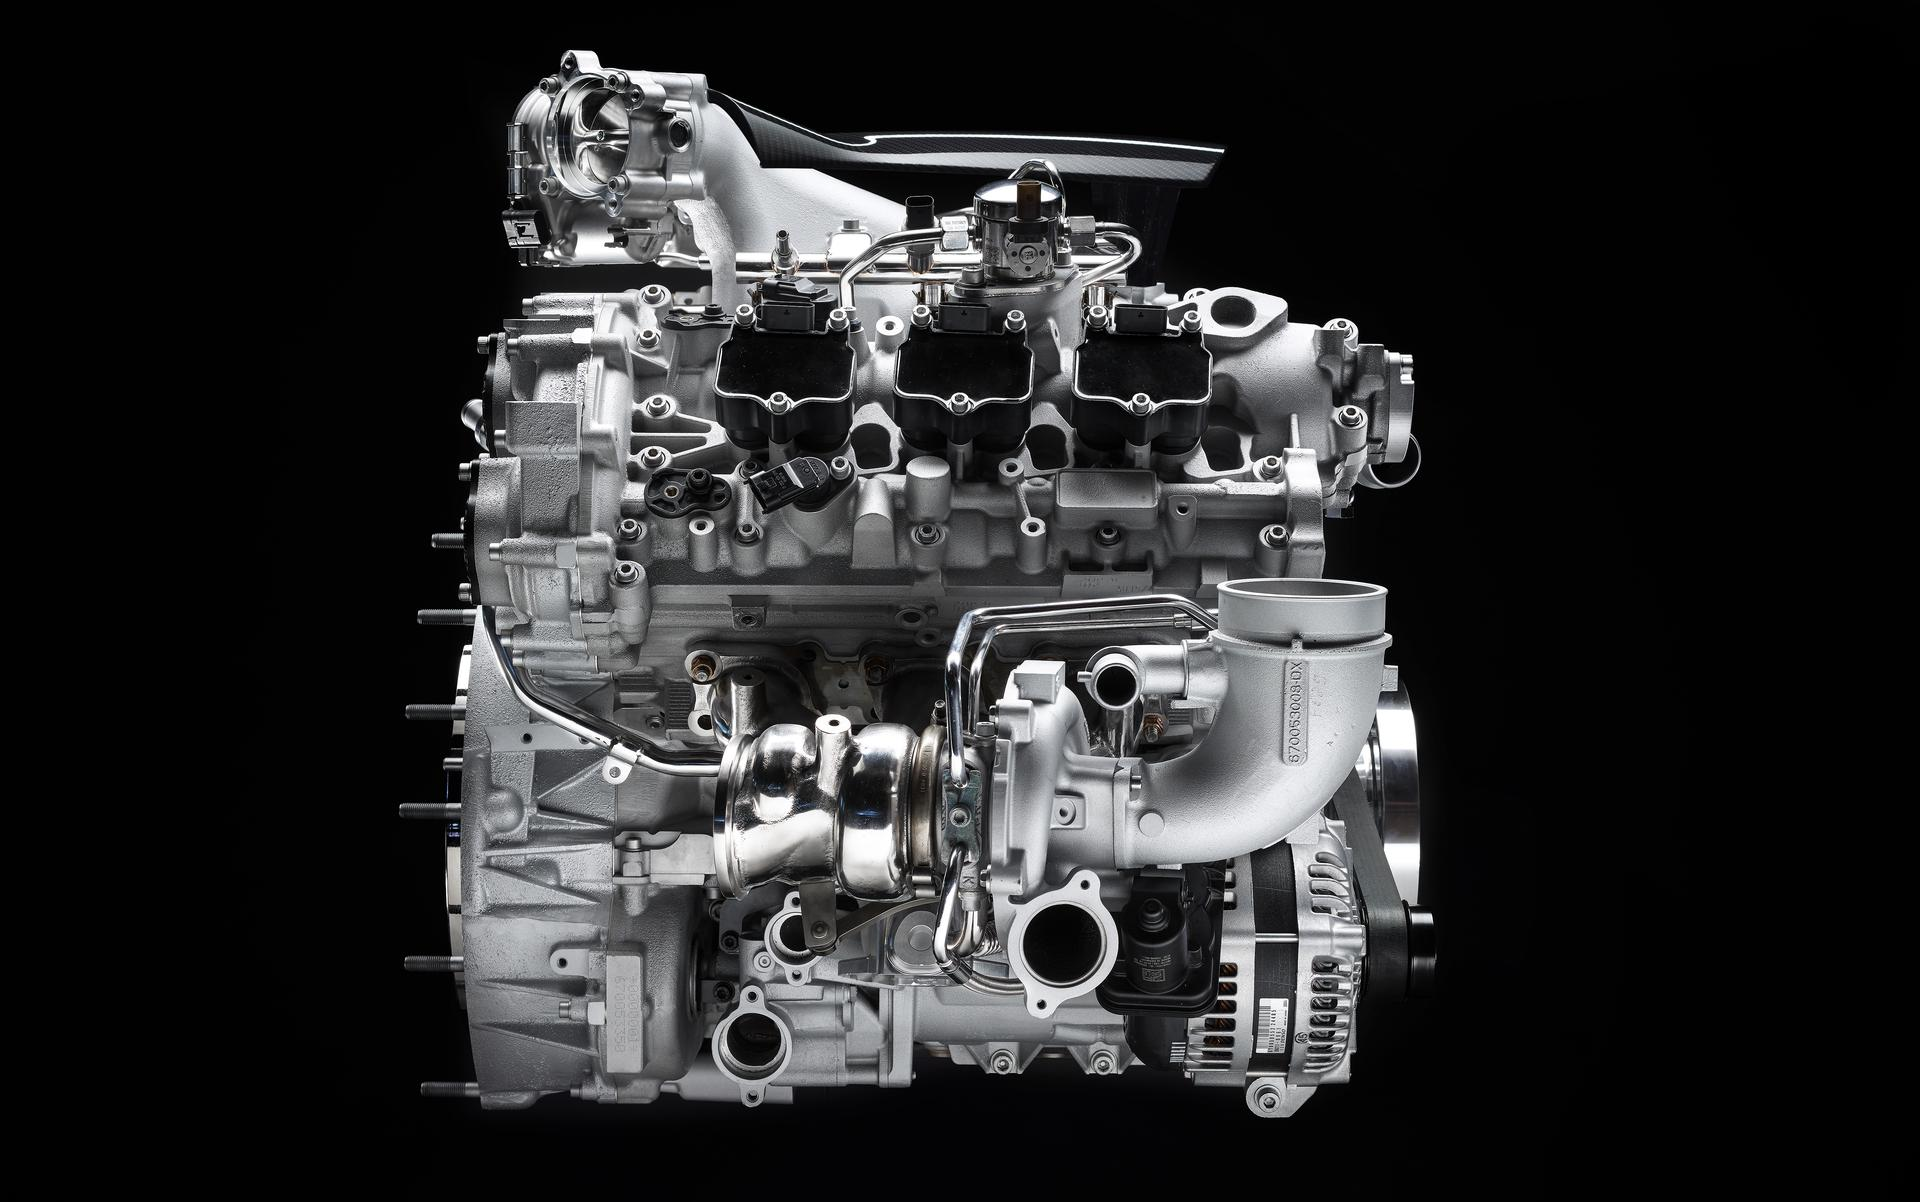 07_Maserati Nettuno Engine